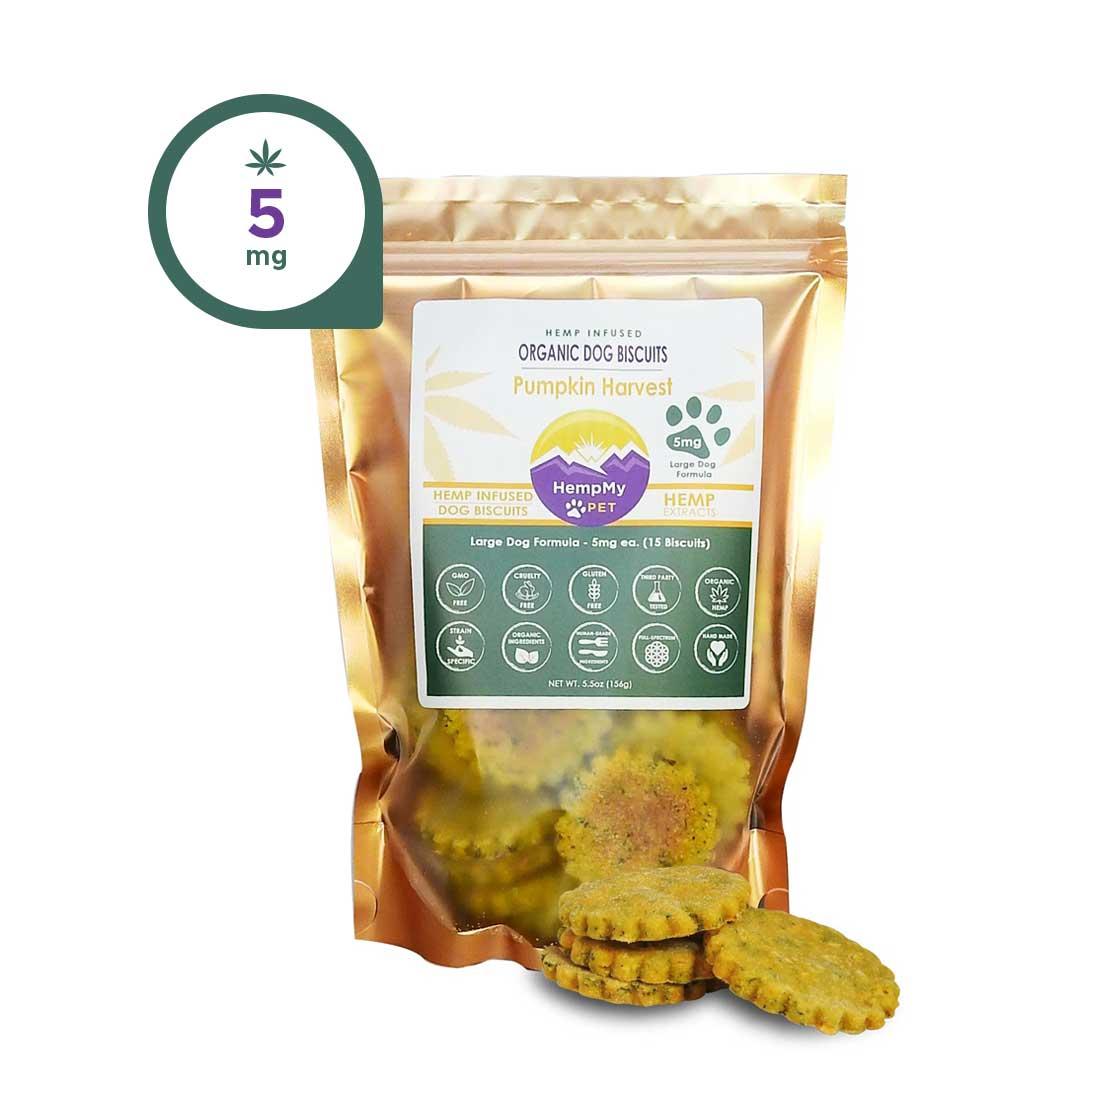 Hemp Dog Treats - 5mg CBD ea, Organic, Large Dog Formula, Pumpkin